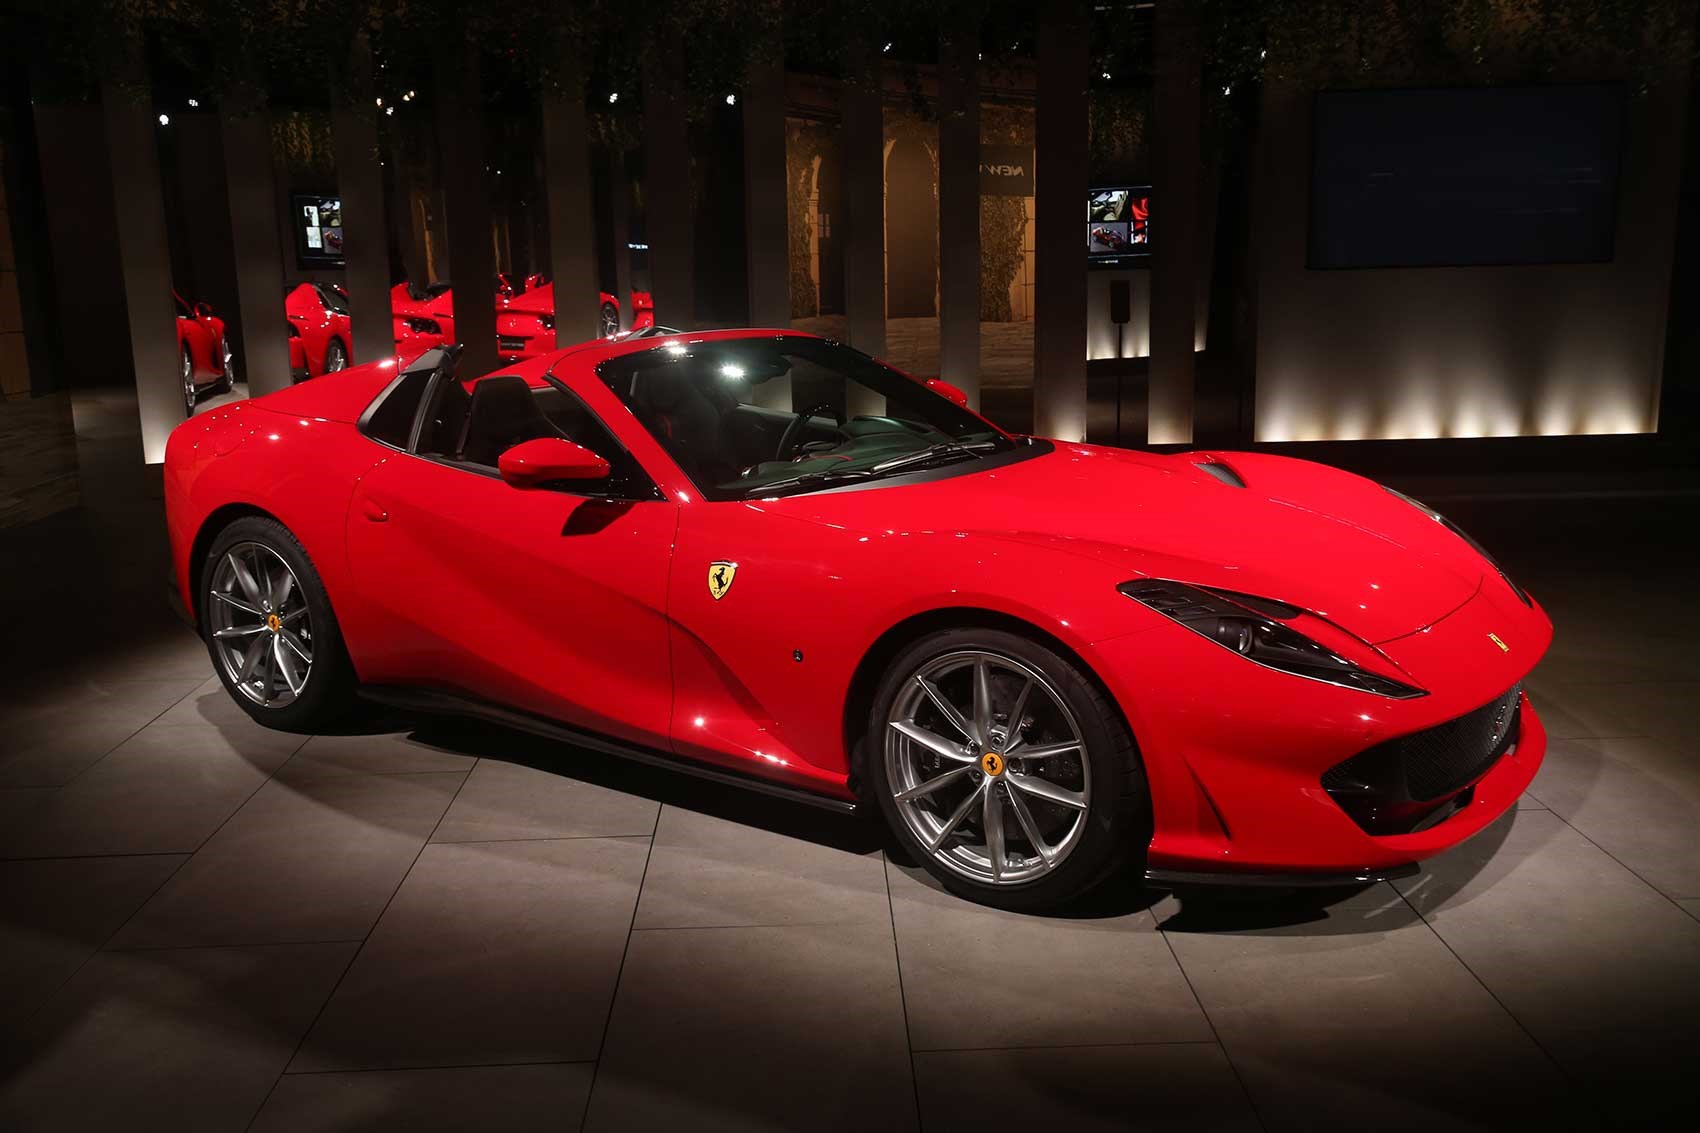 Экологические нормы постоянно ужесточаются, и соответствовать им всё сложнее. 12-цилиндровые моторы постепенно уступают место более скромным по объёму и мощности двигателям. Однако не все автопроизводители готовы мириться с этой ситуацией: например, Ferrari заявляет, что будет бороться за V12.